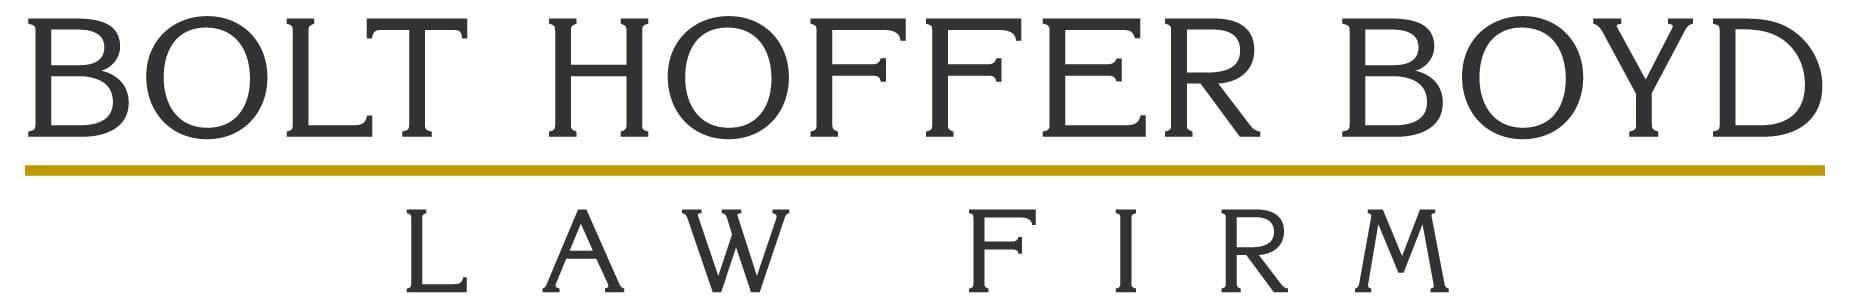 Bolt Hoffer Boyd Law Firm